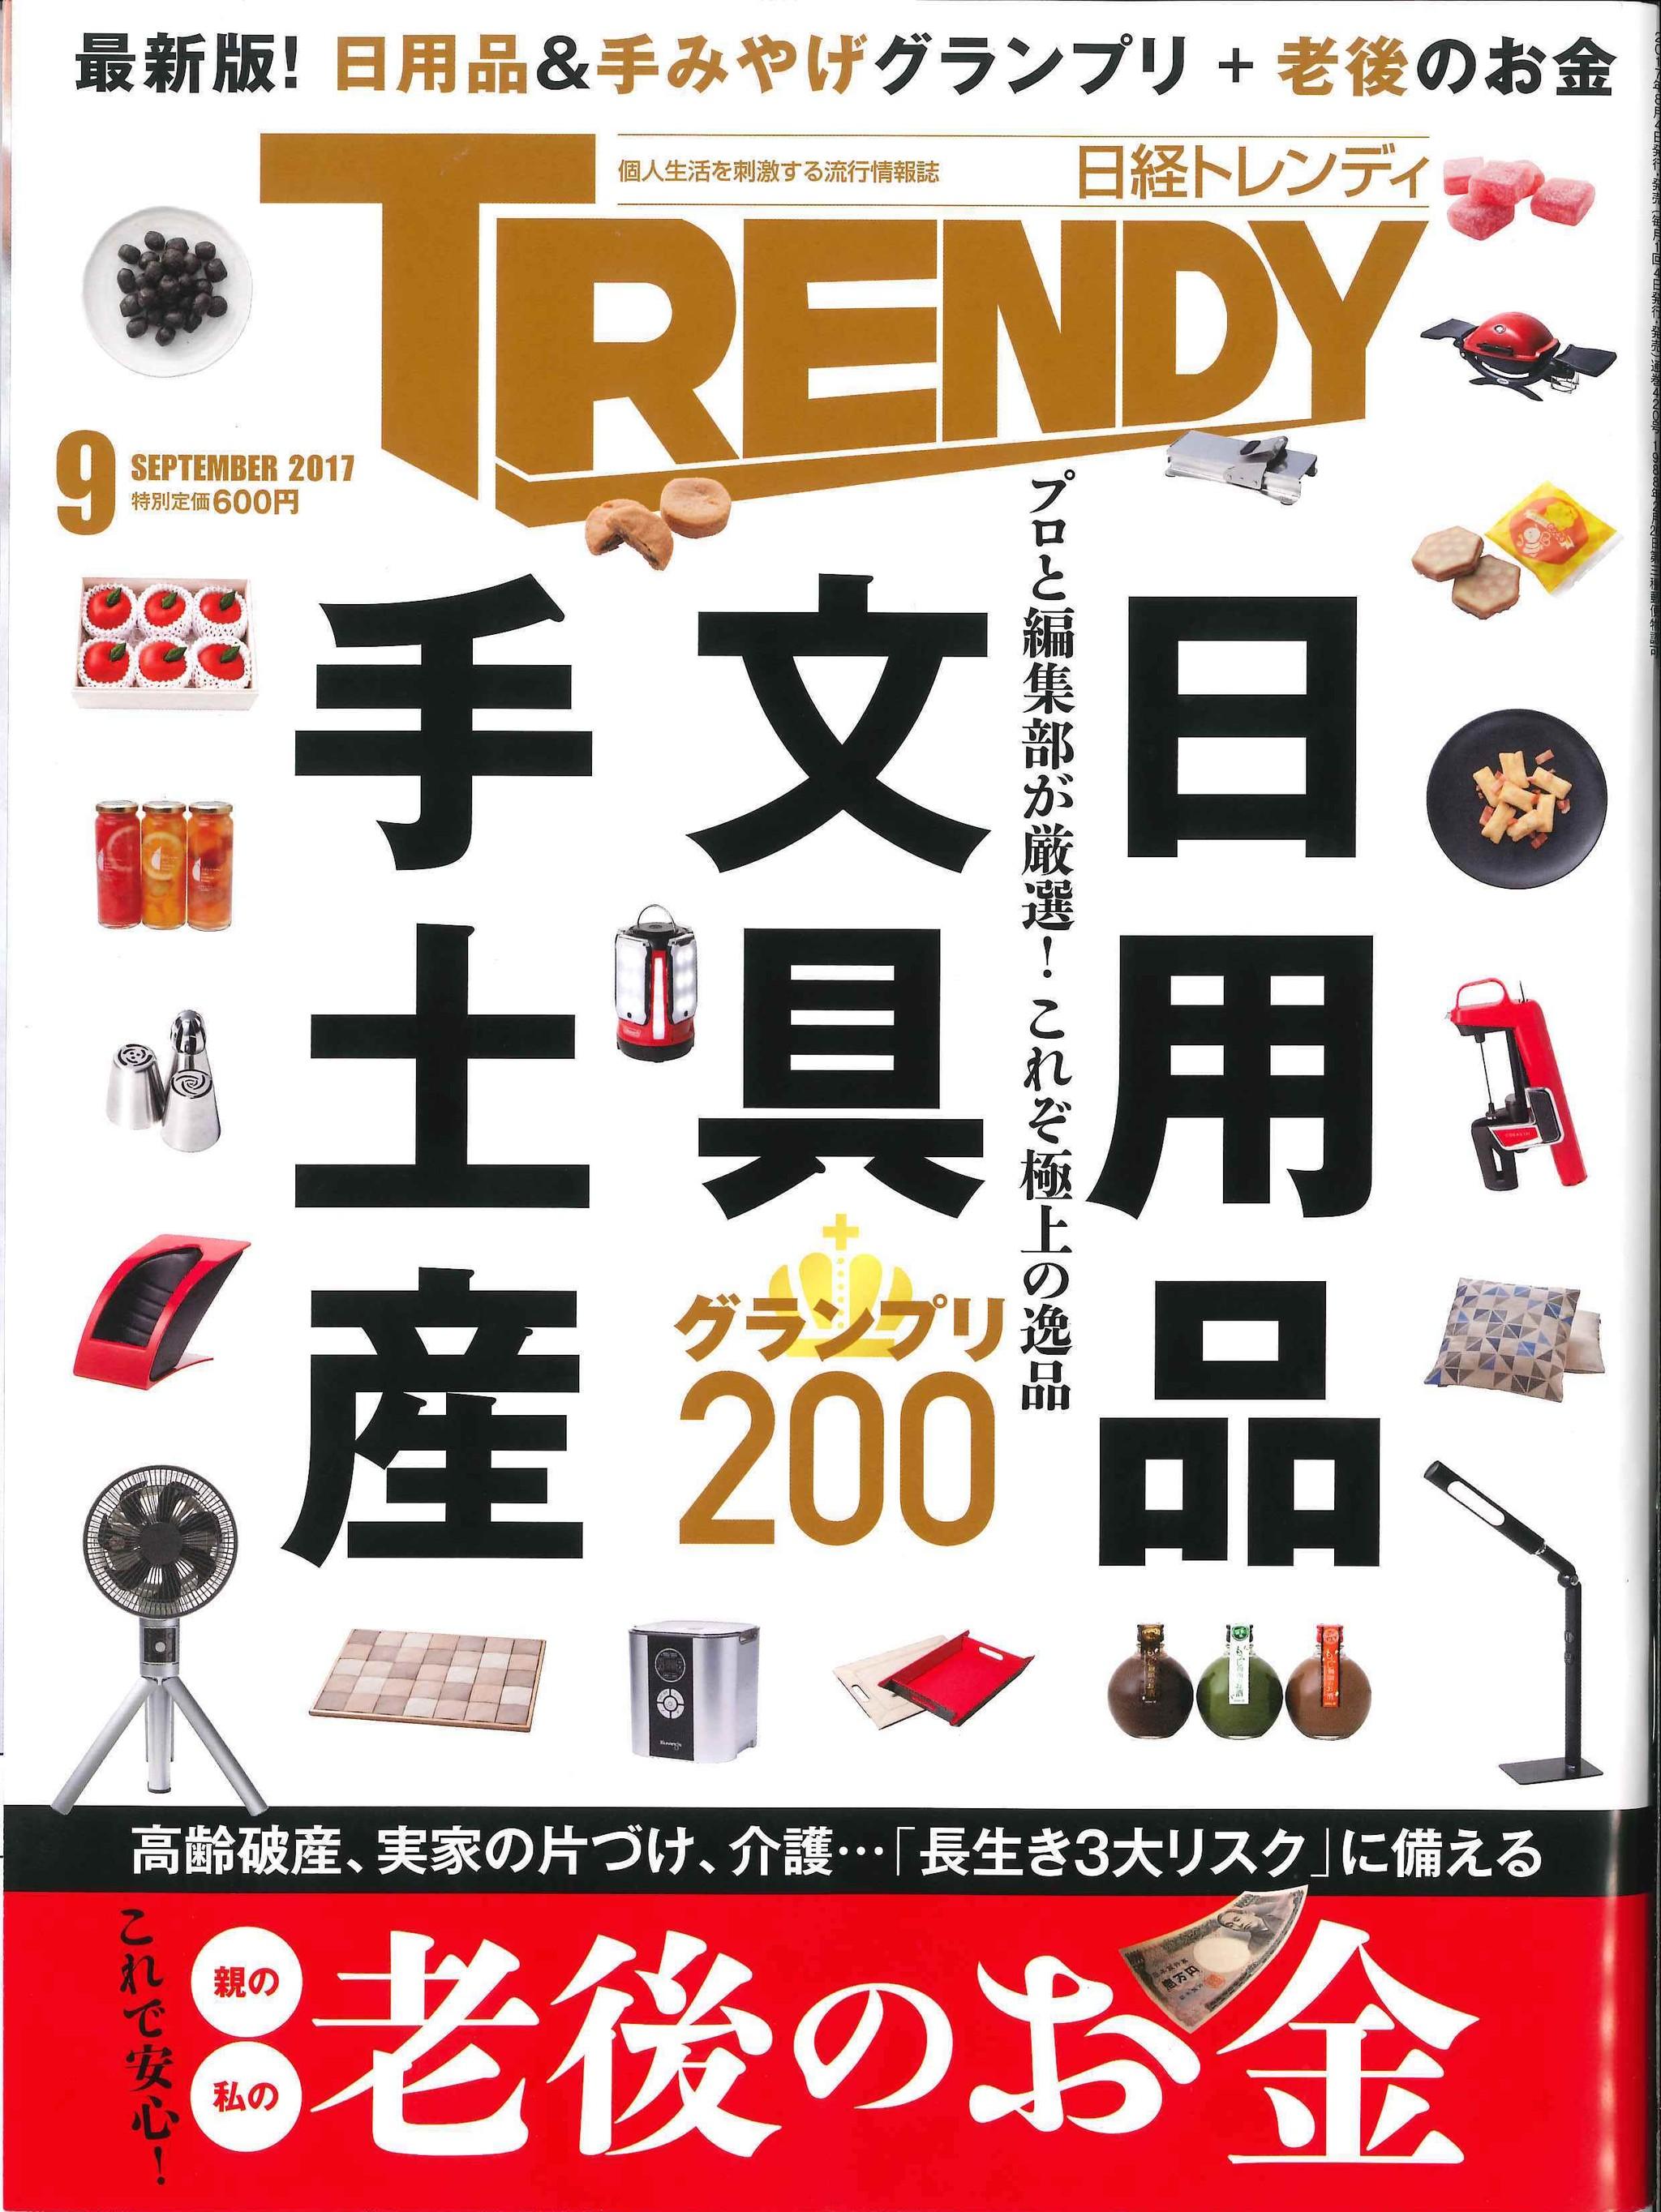 日経トレンディ 9月号で当社の製品を紹介いただきました。